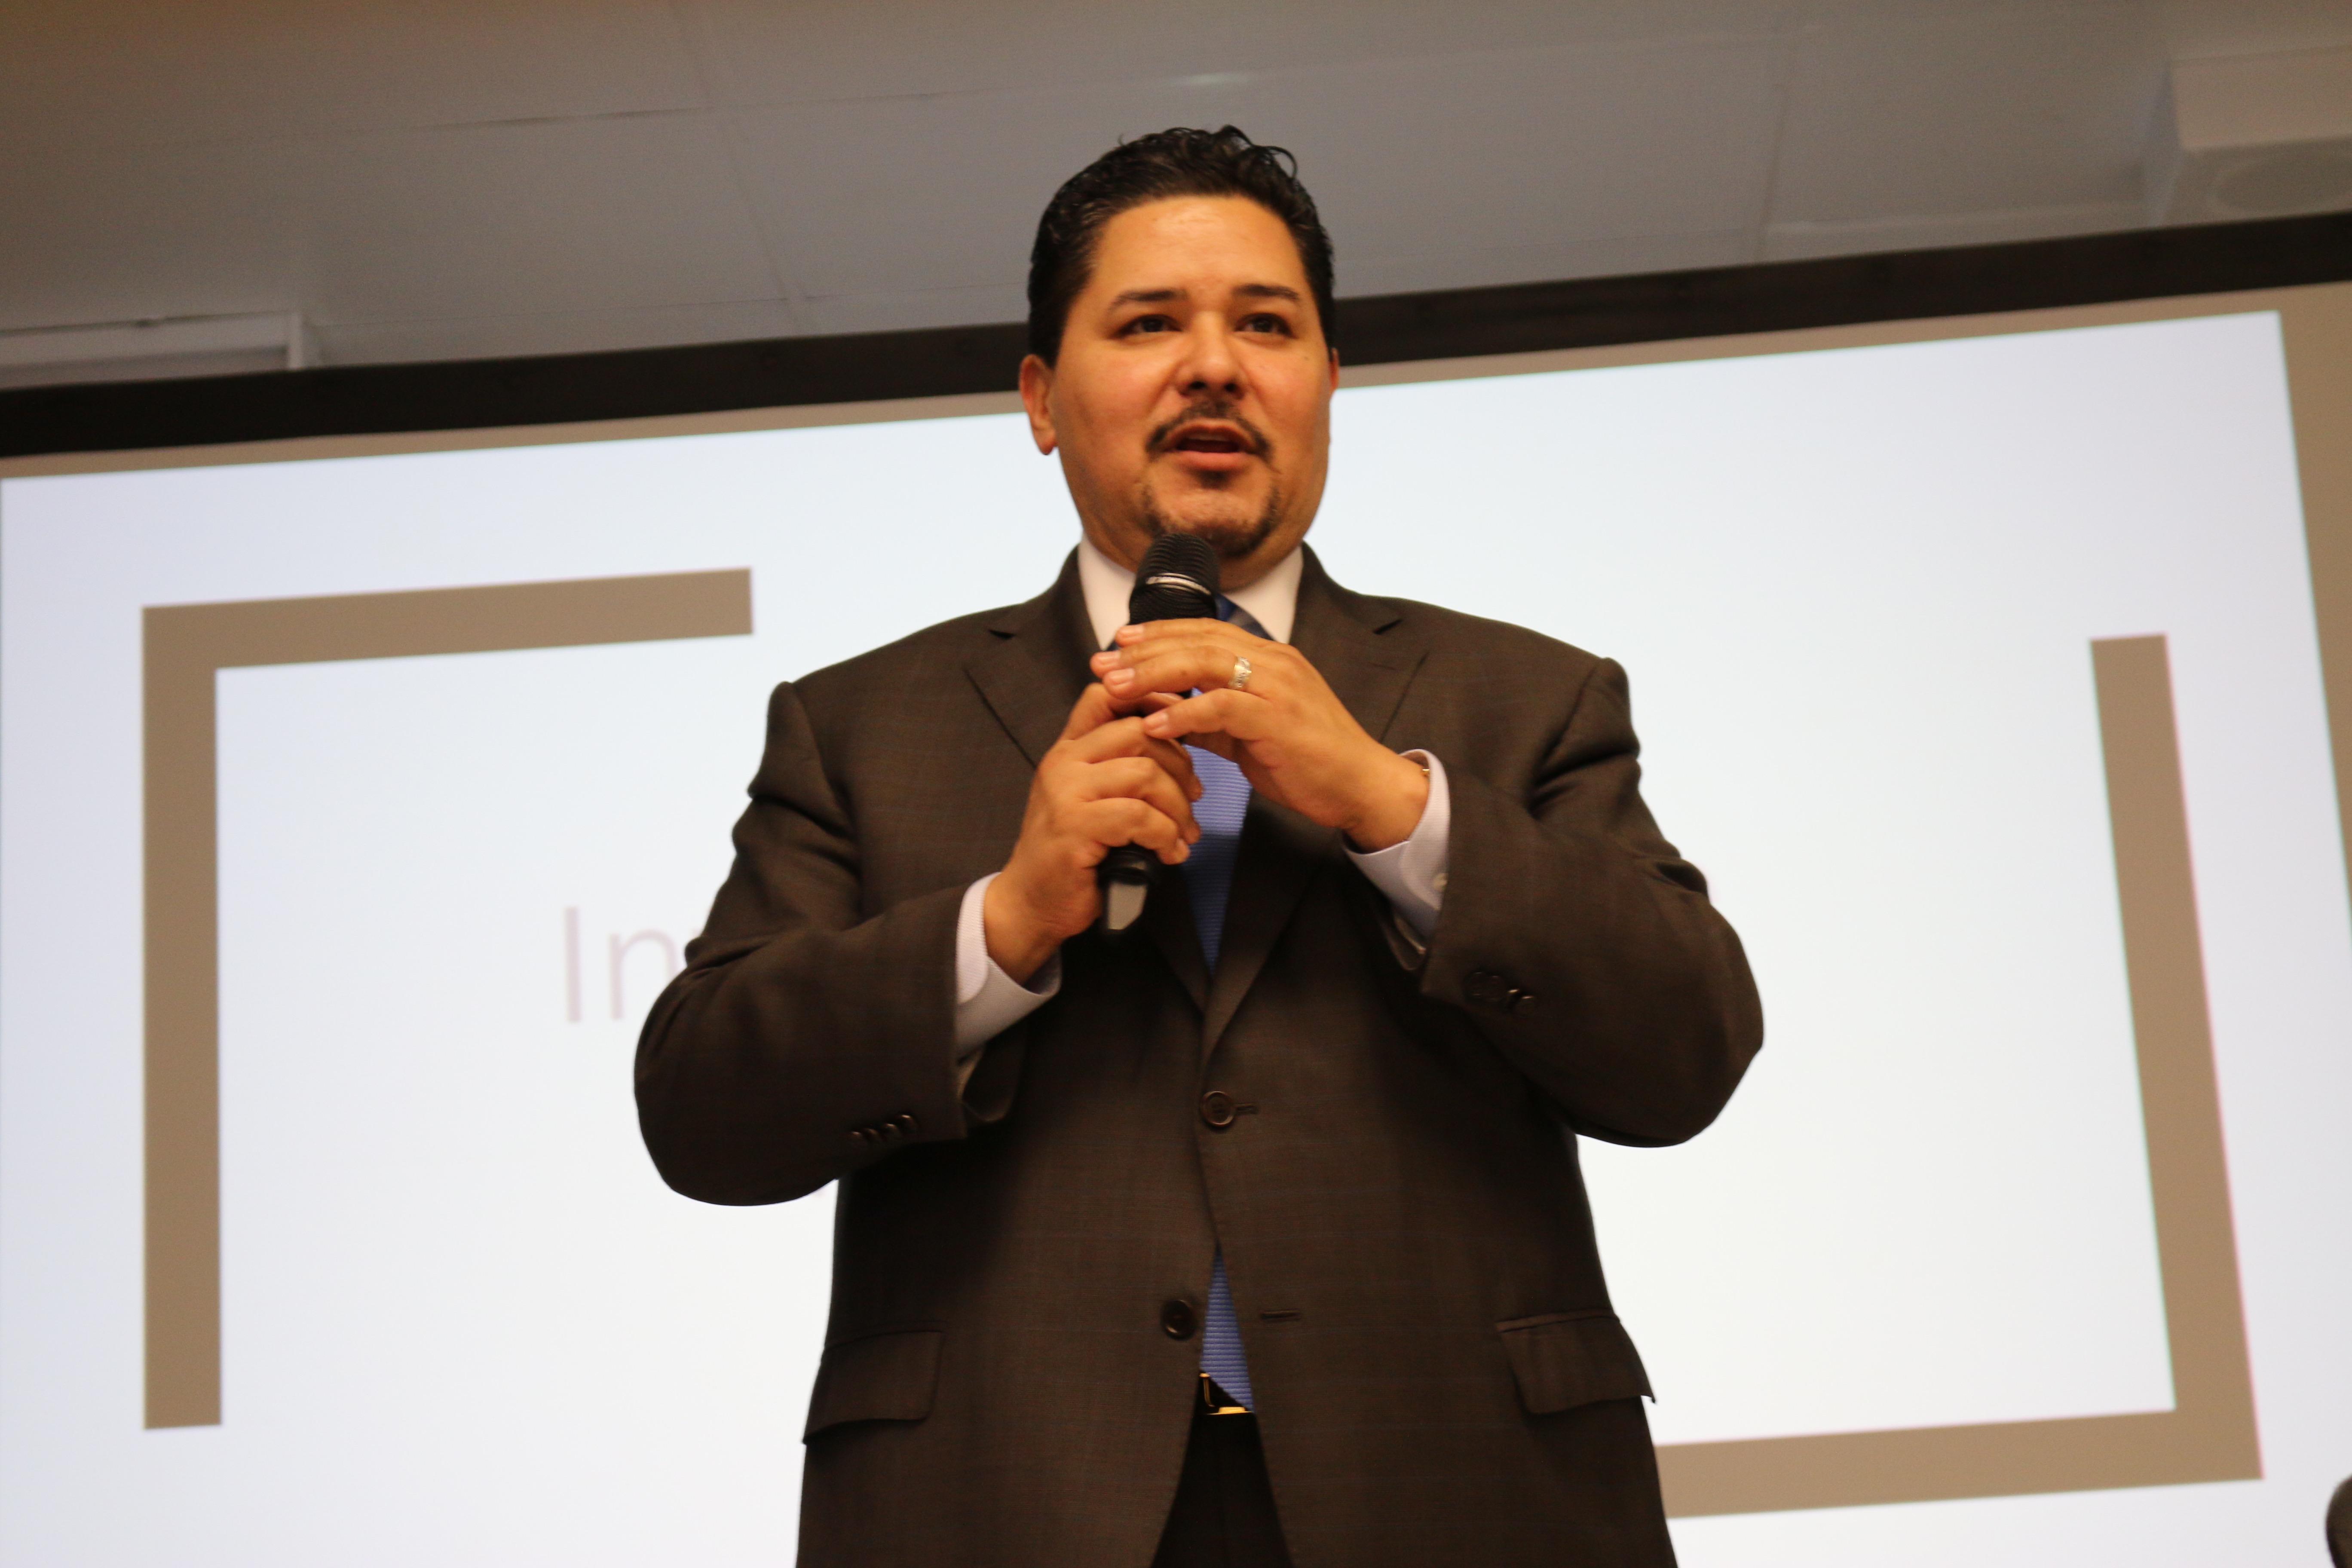 Chancellor Richard Carranza